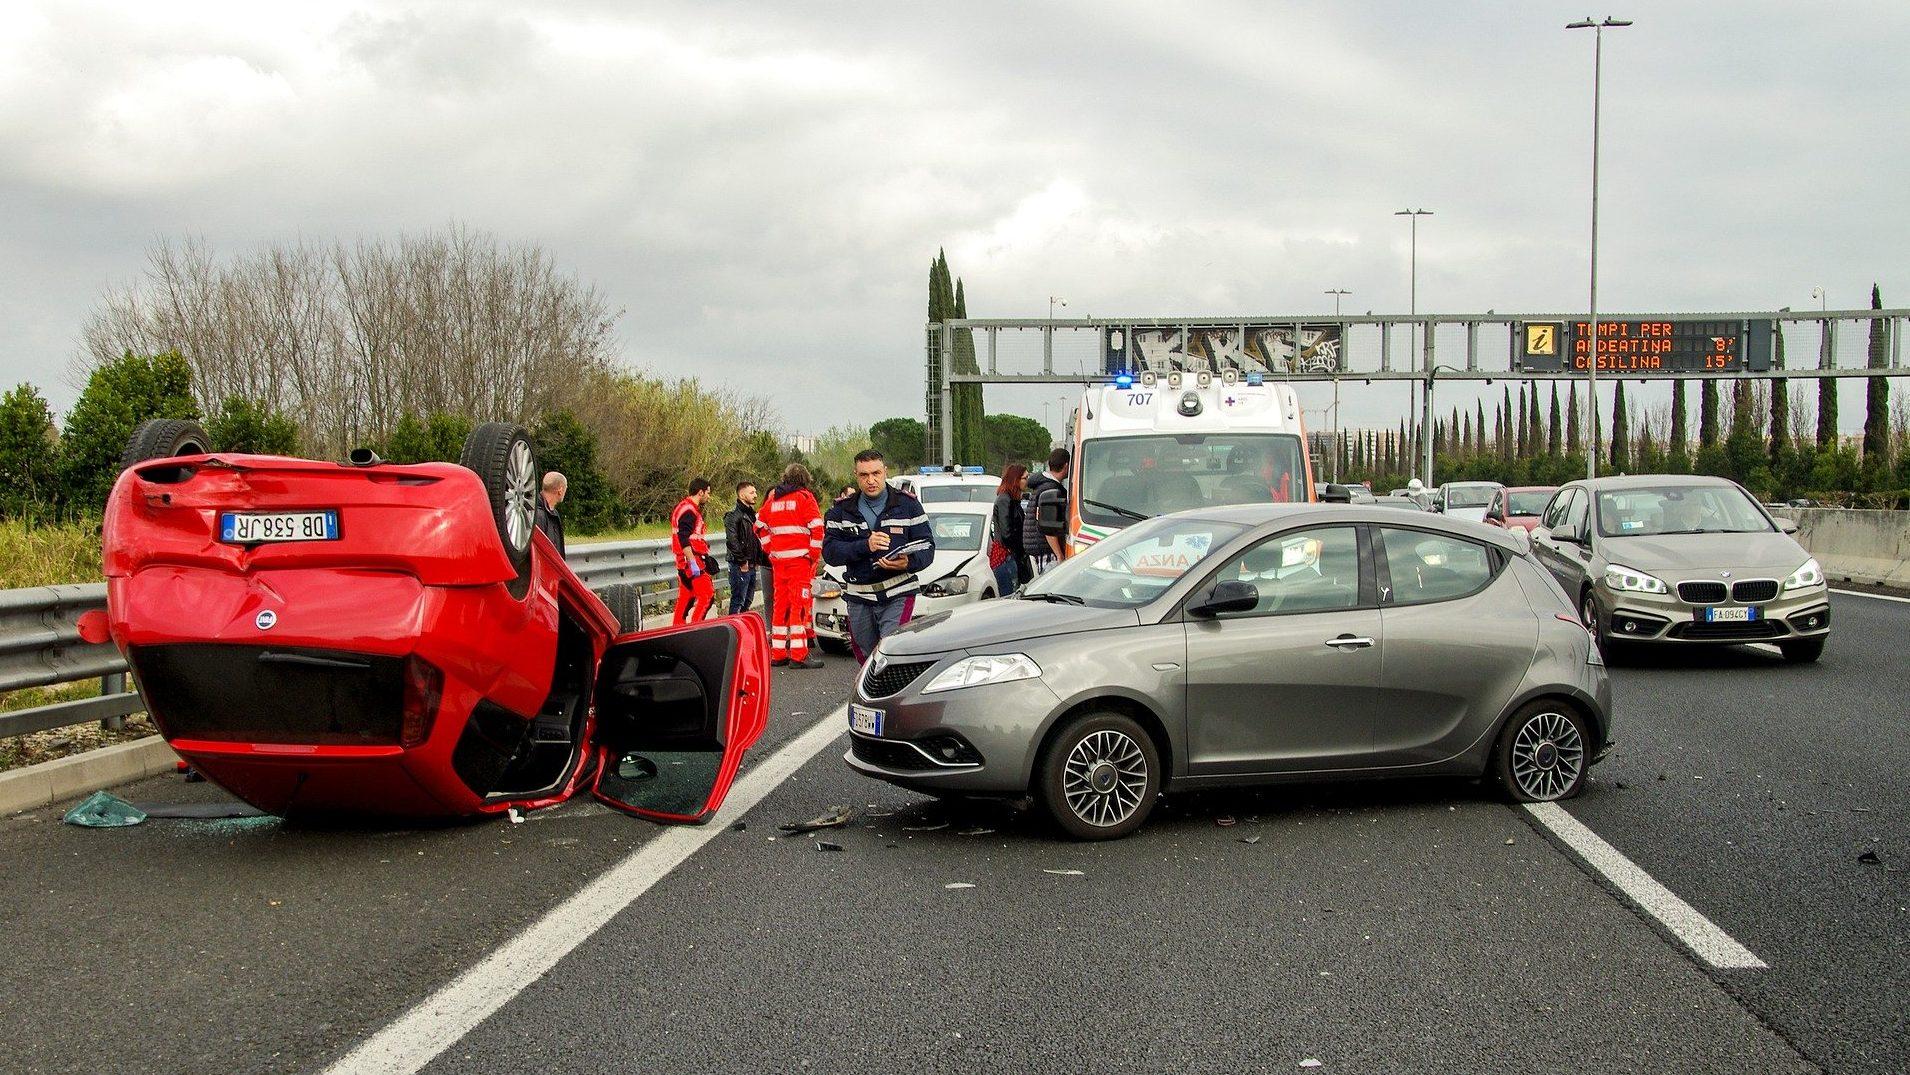 האם נשים נפגעות יותר בתאונות עקב סוג המכונית?